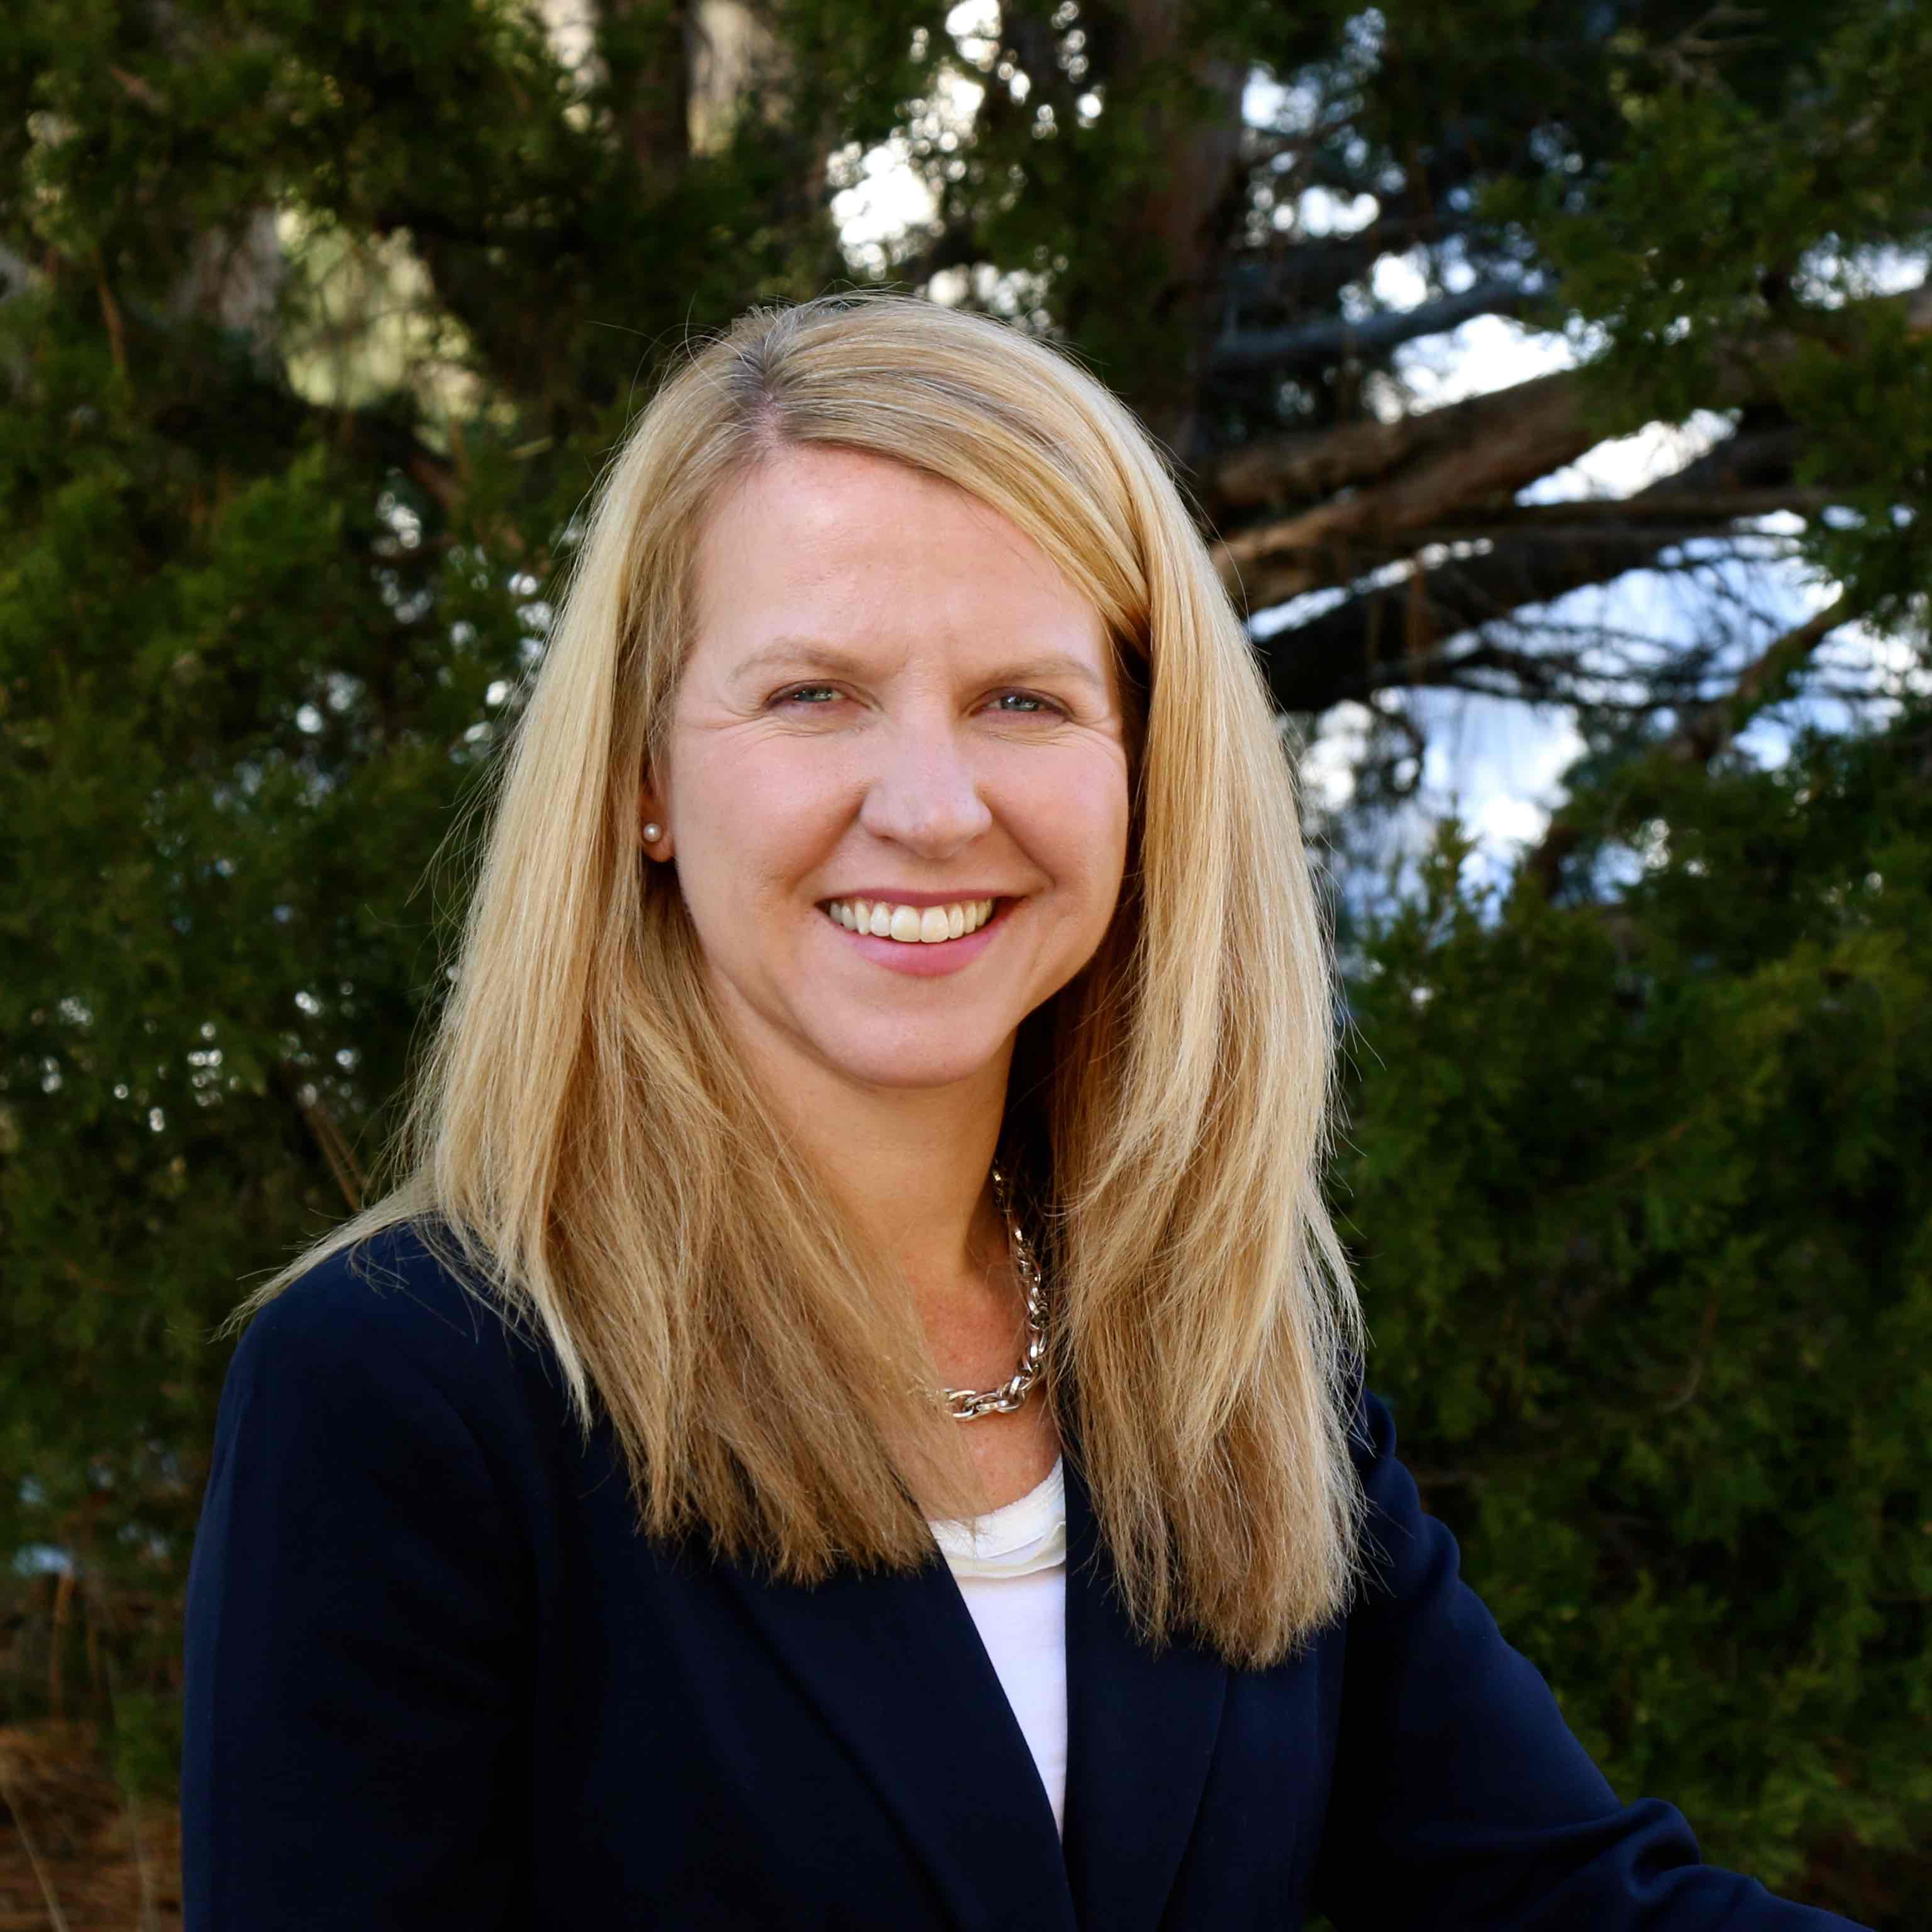 Joanne Keene